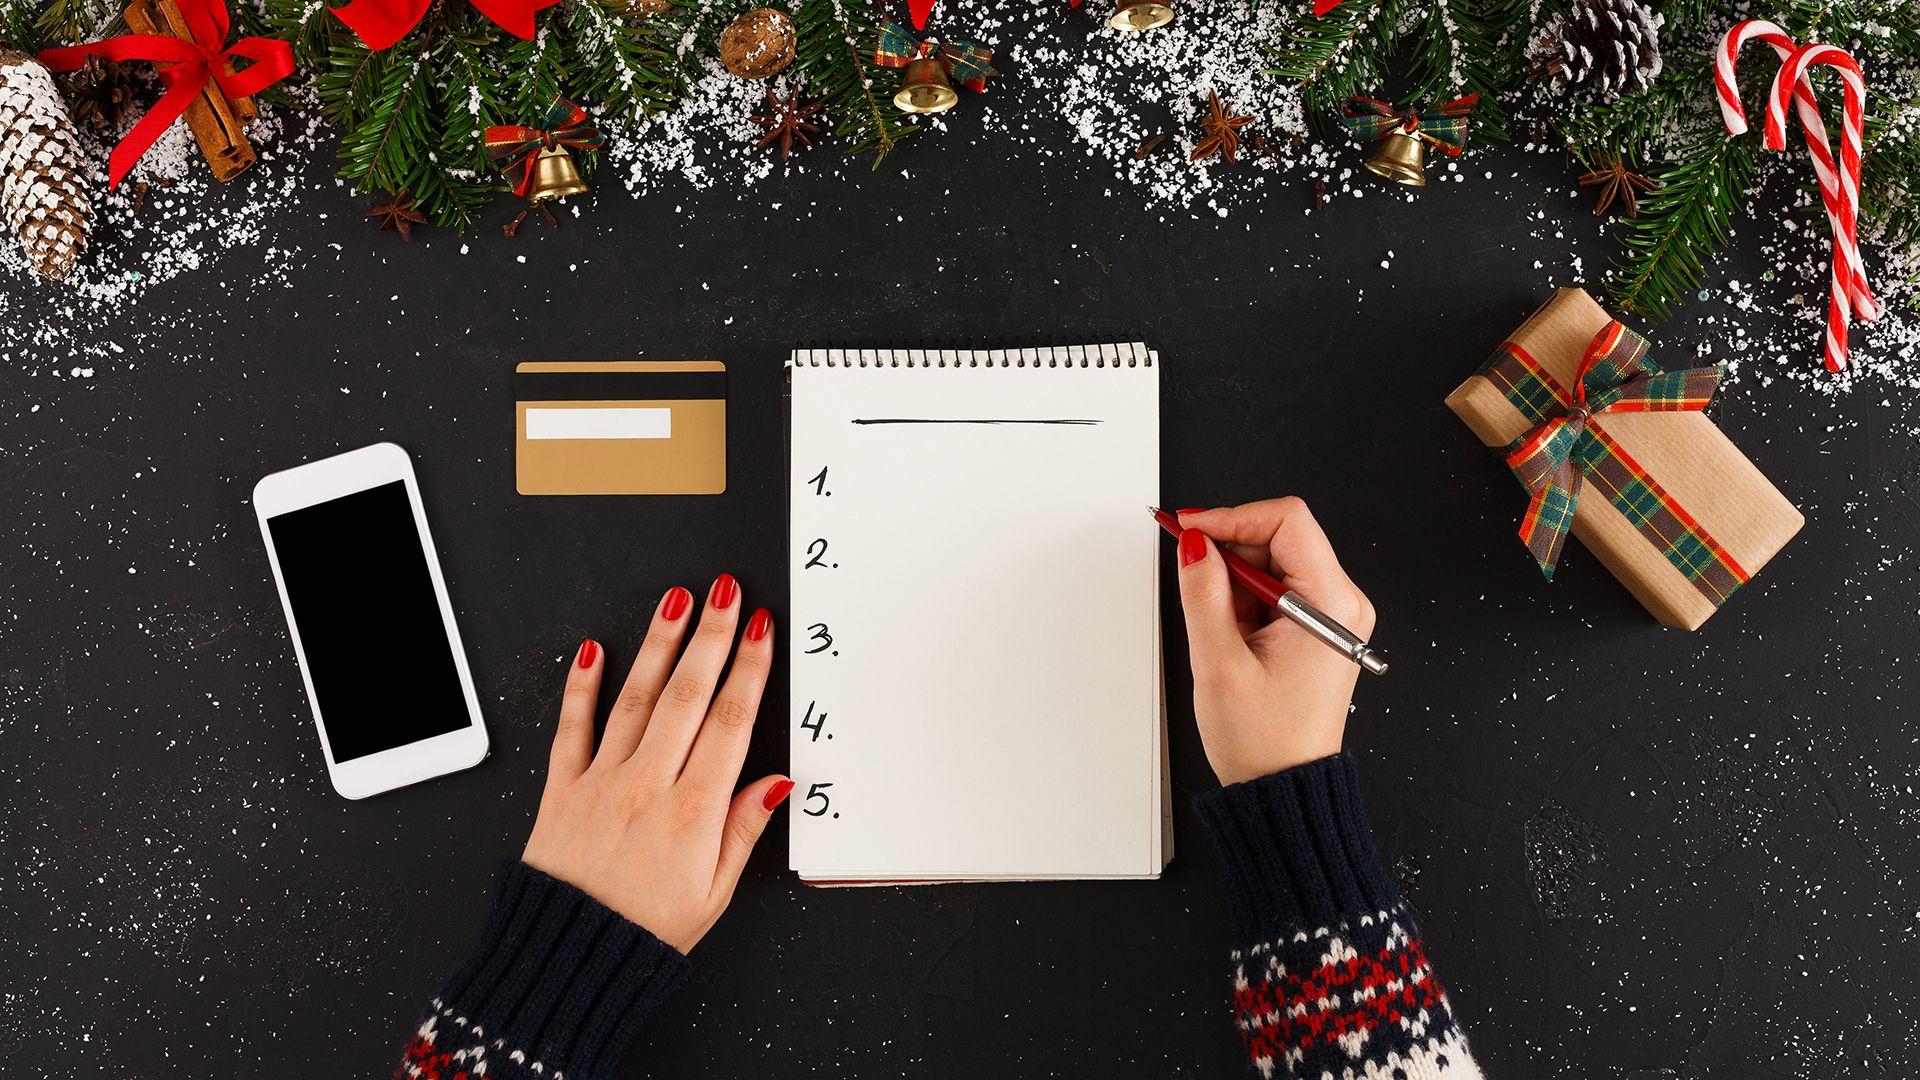 Christmas wish list writing.